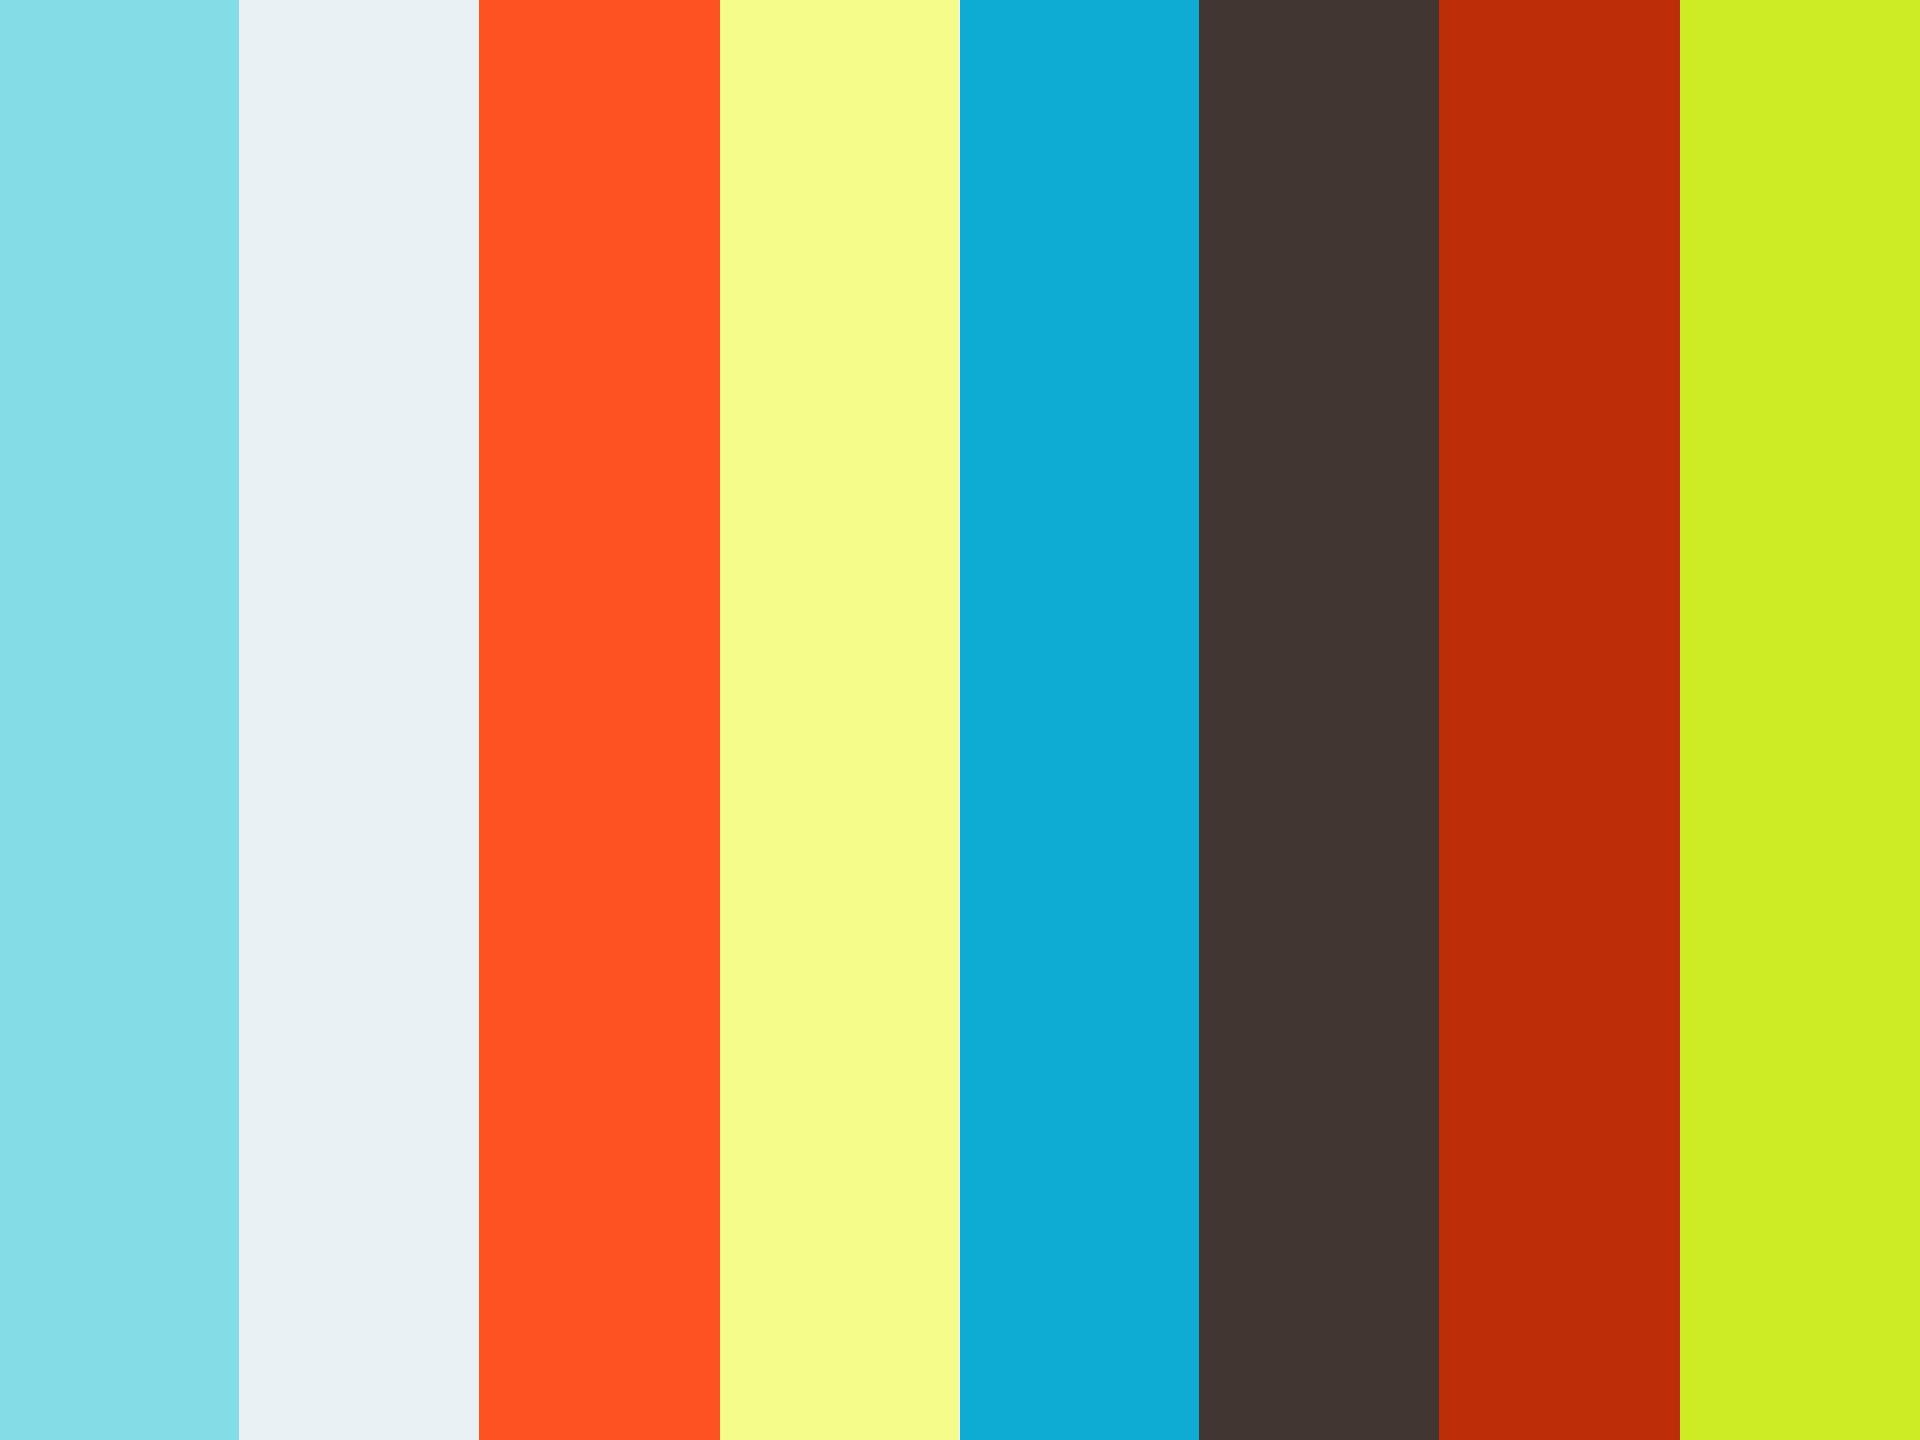 学術セッション:黒船来航!デジタル矯正の可能性